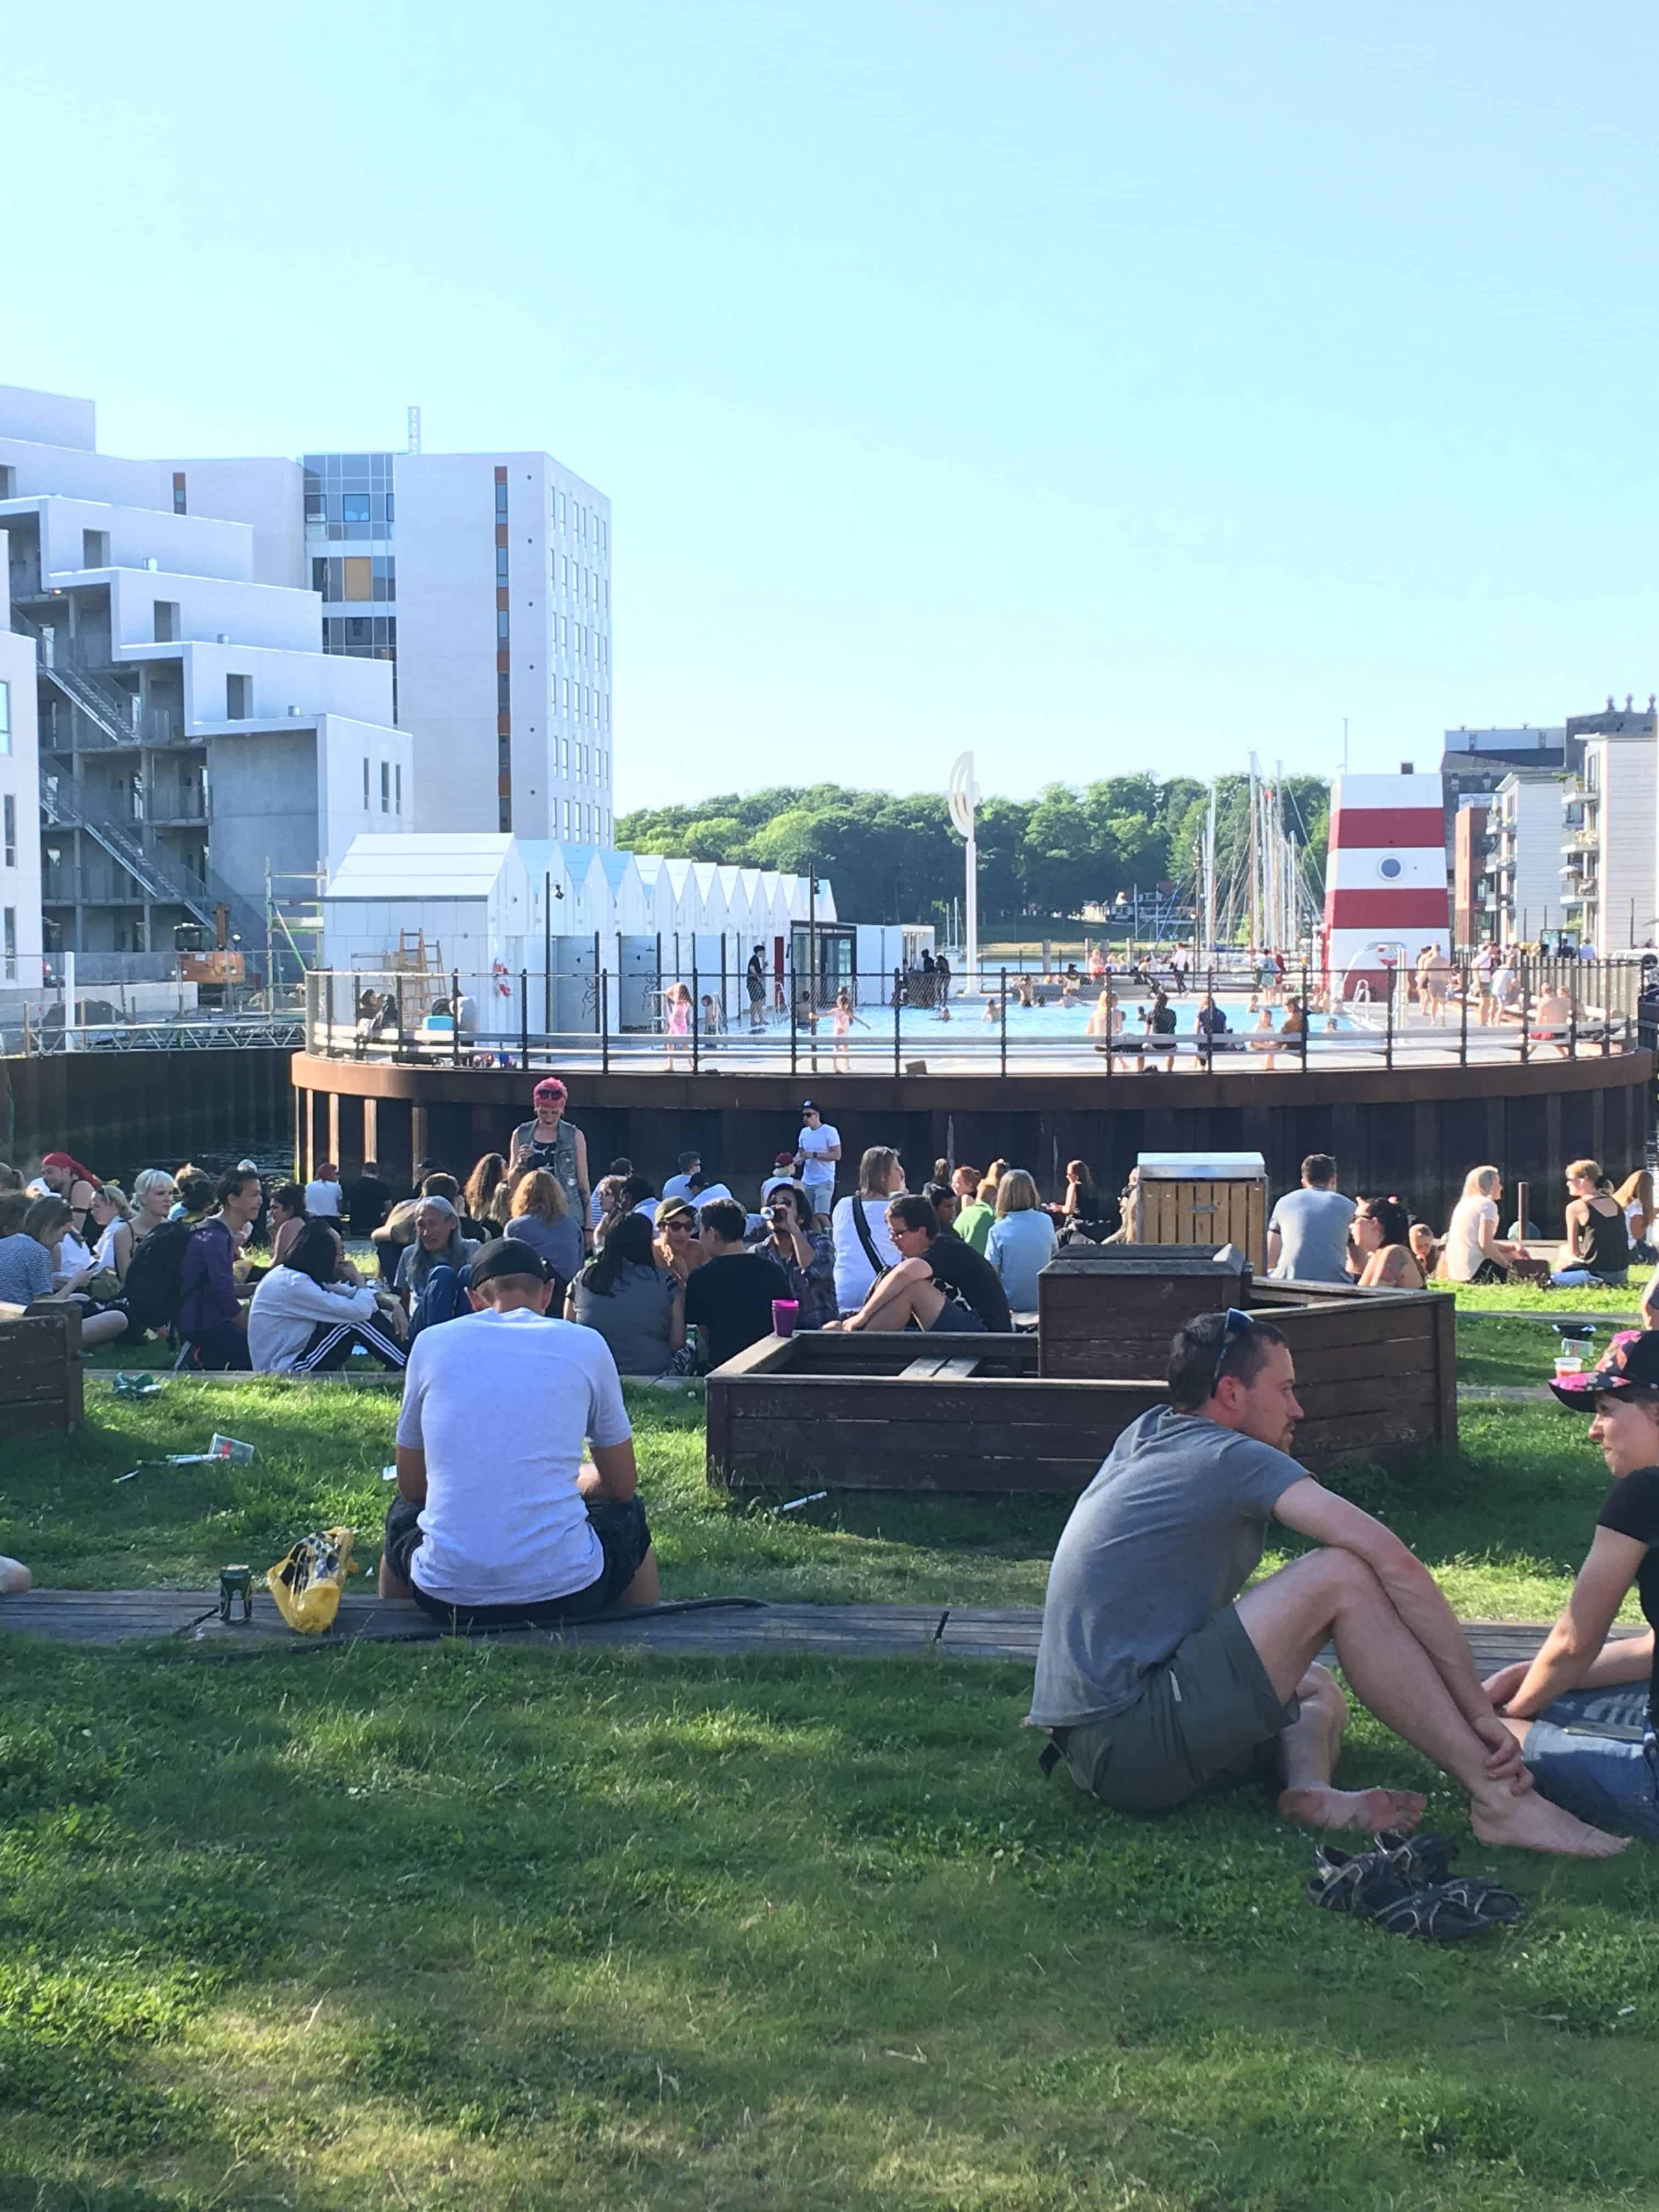 Masser af folk på græsset ved havnebadet